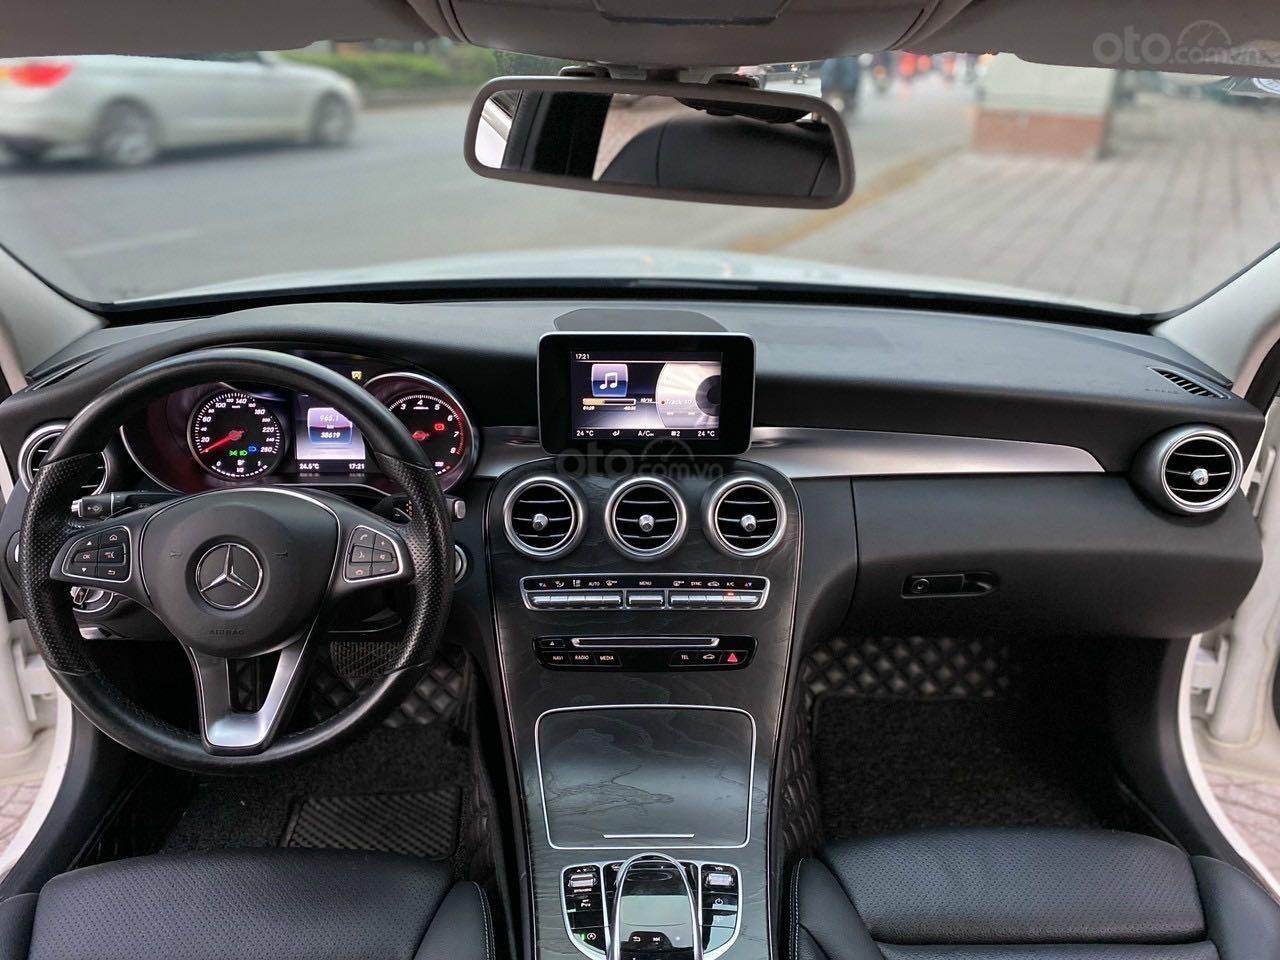 Bán xe Mercedes-Benz C class năm 2016, màu trắng, xe gia đình, giá tốt 1 tỷ 120 triệu đồng (8)